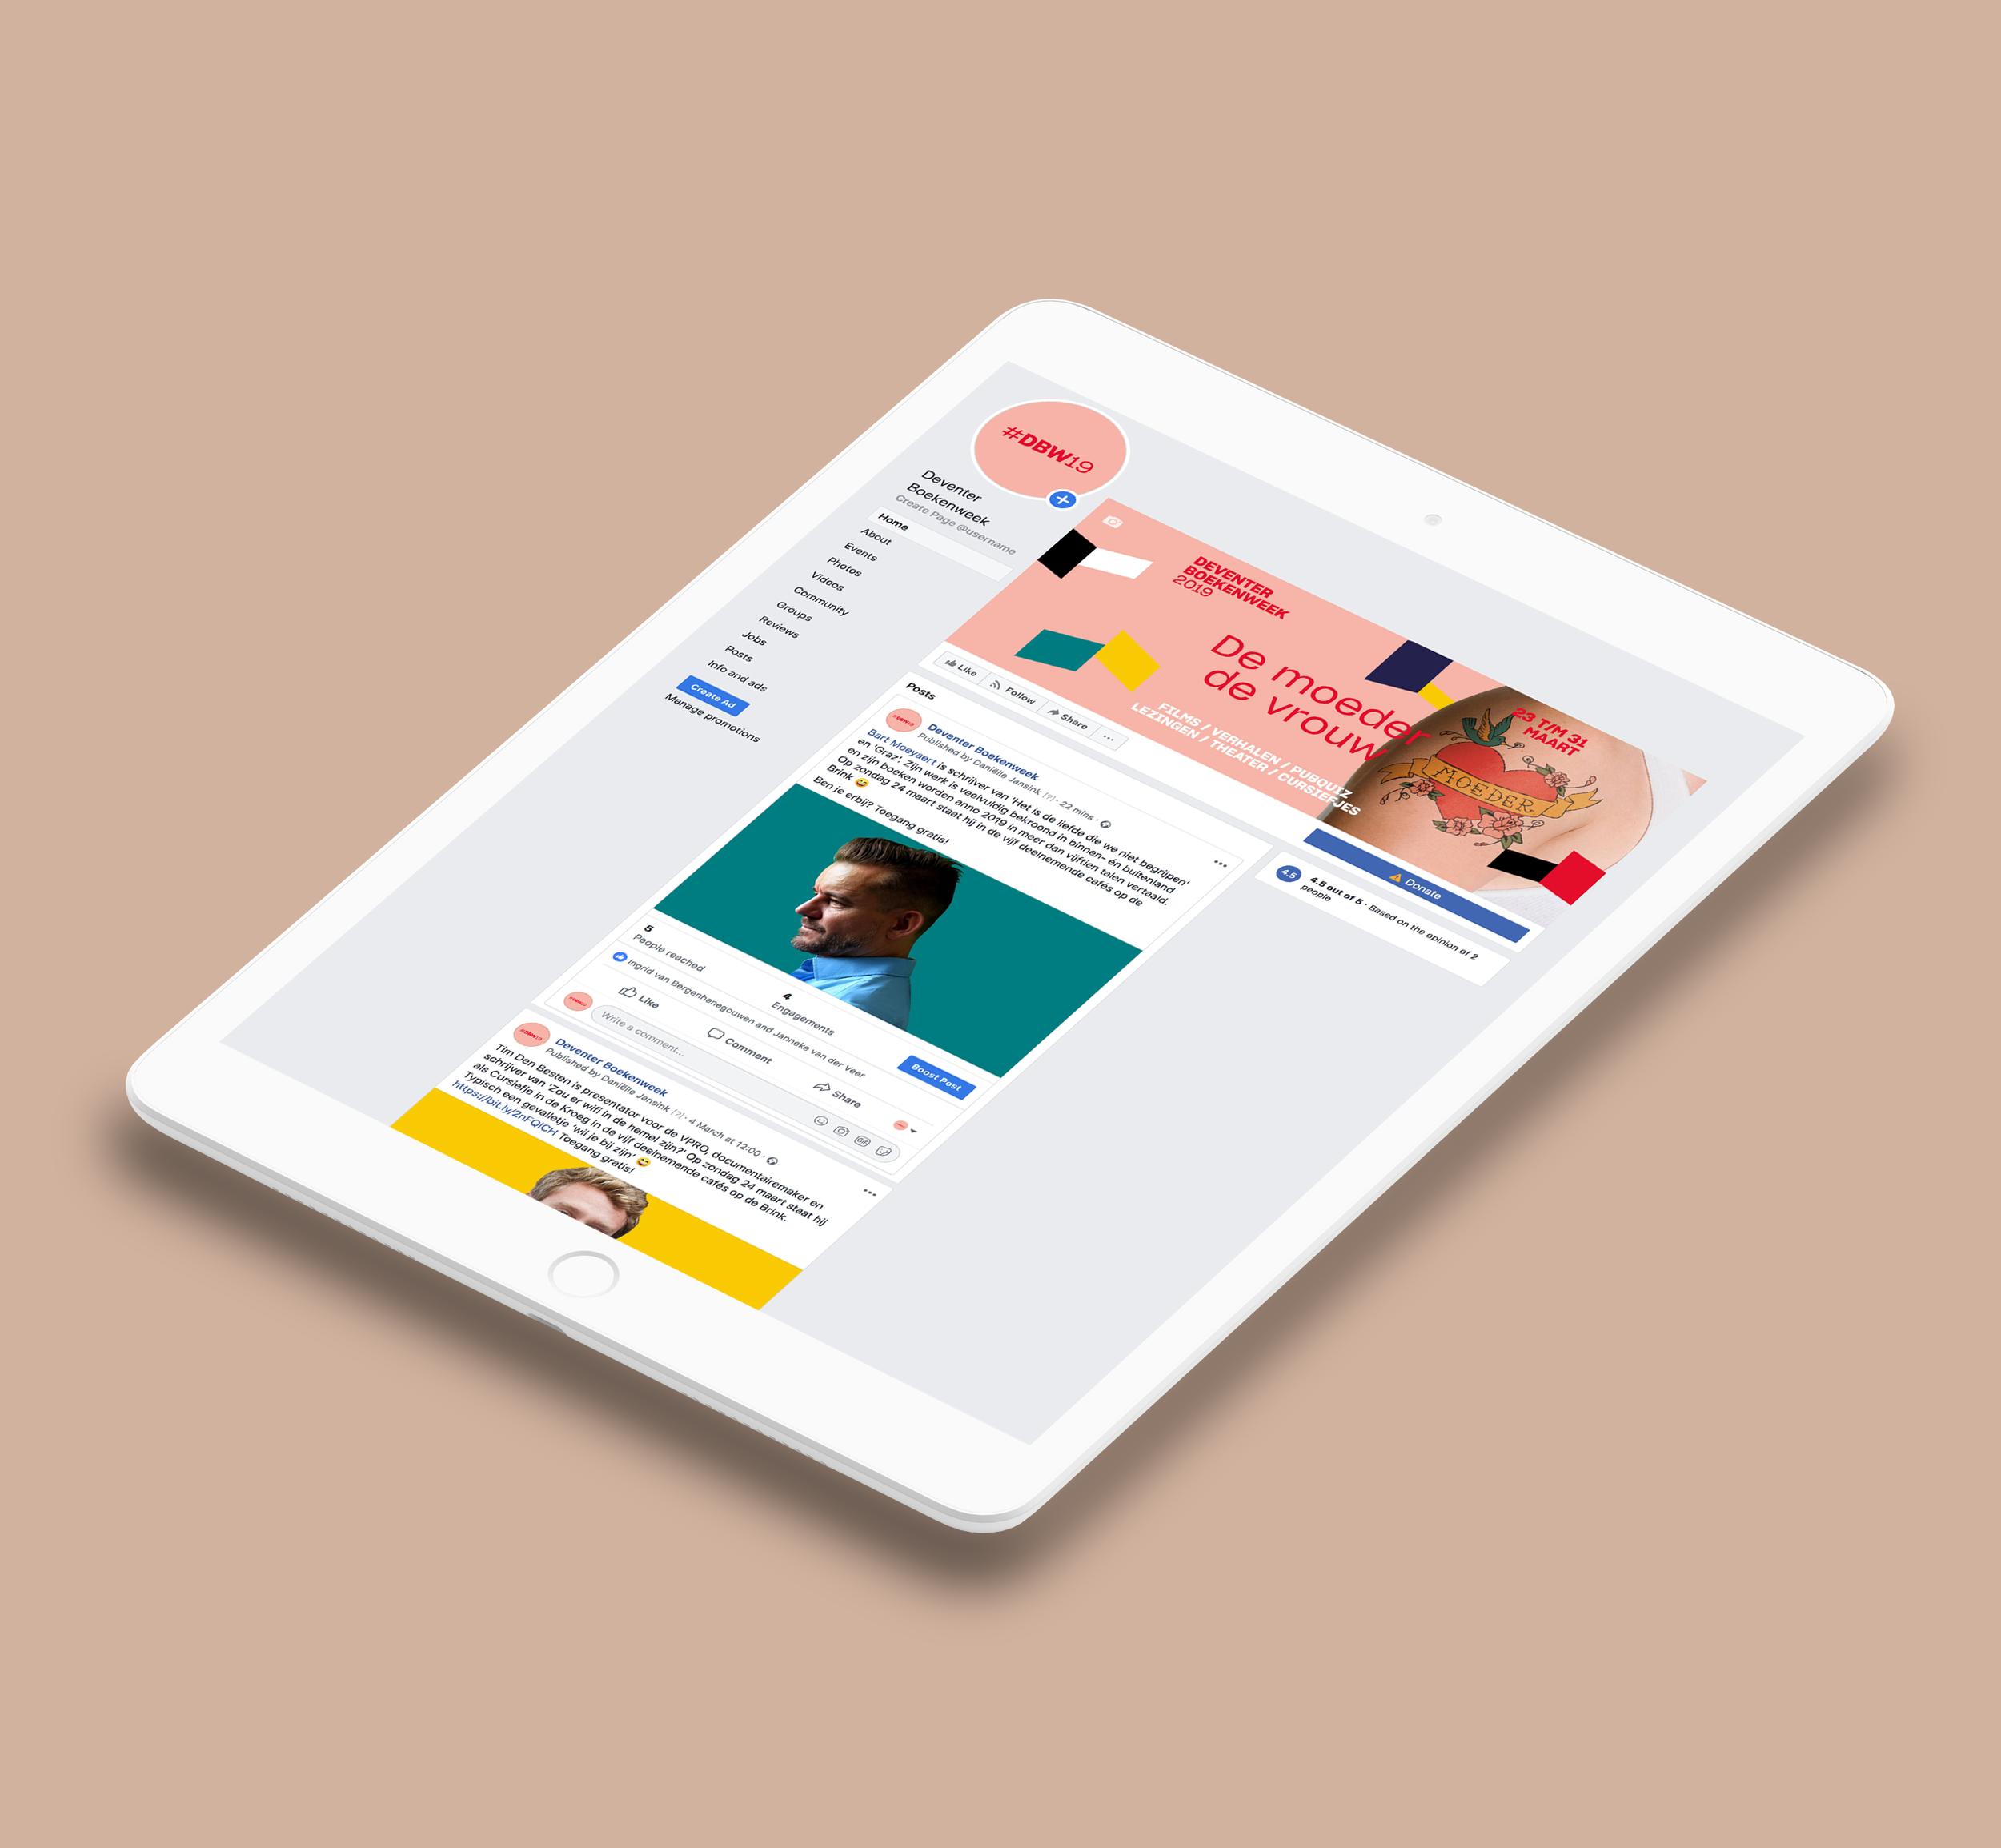 Deventer Boekenweek 2019    Voor de Deventer Boekenweek 2019 creëerde ik een content planning voor zowel Instagram als Facebook.